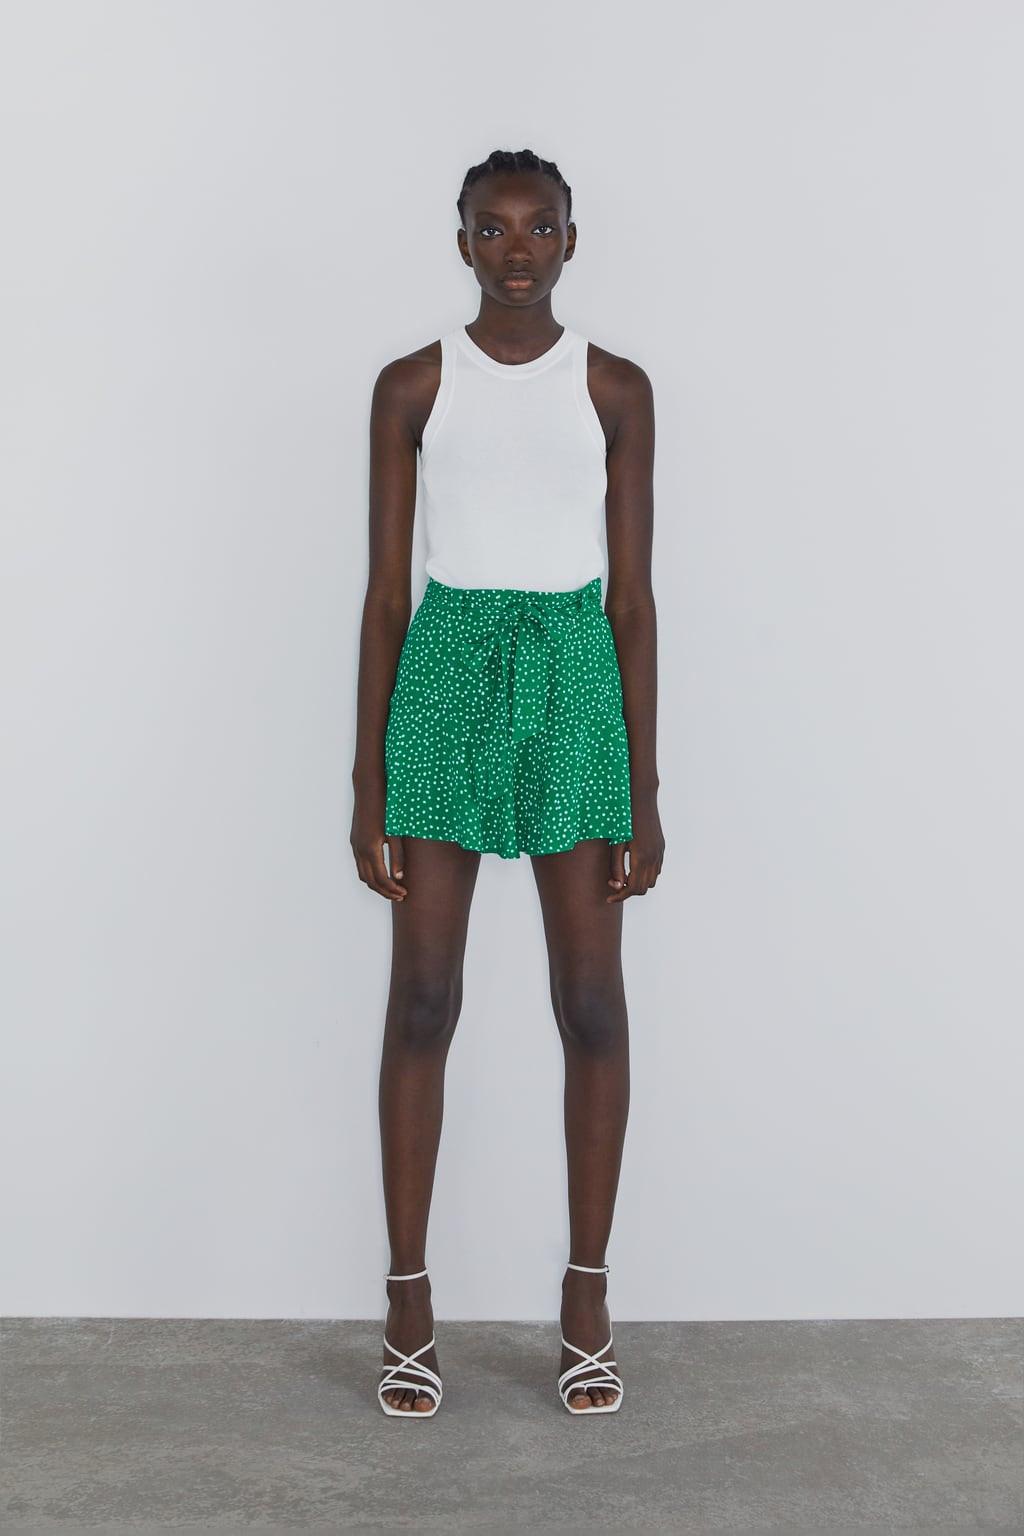 Calções estilo bermuda estampados, Zara, 19,99 euros.jpg